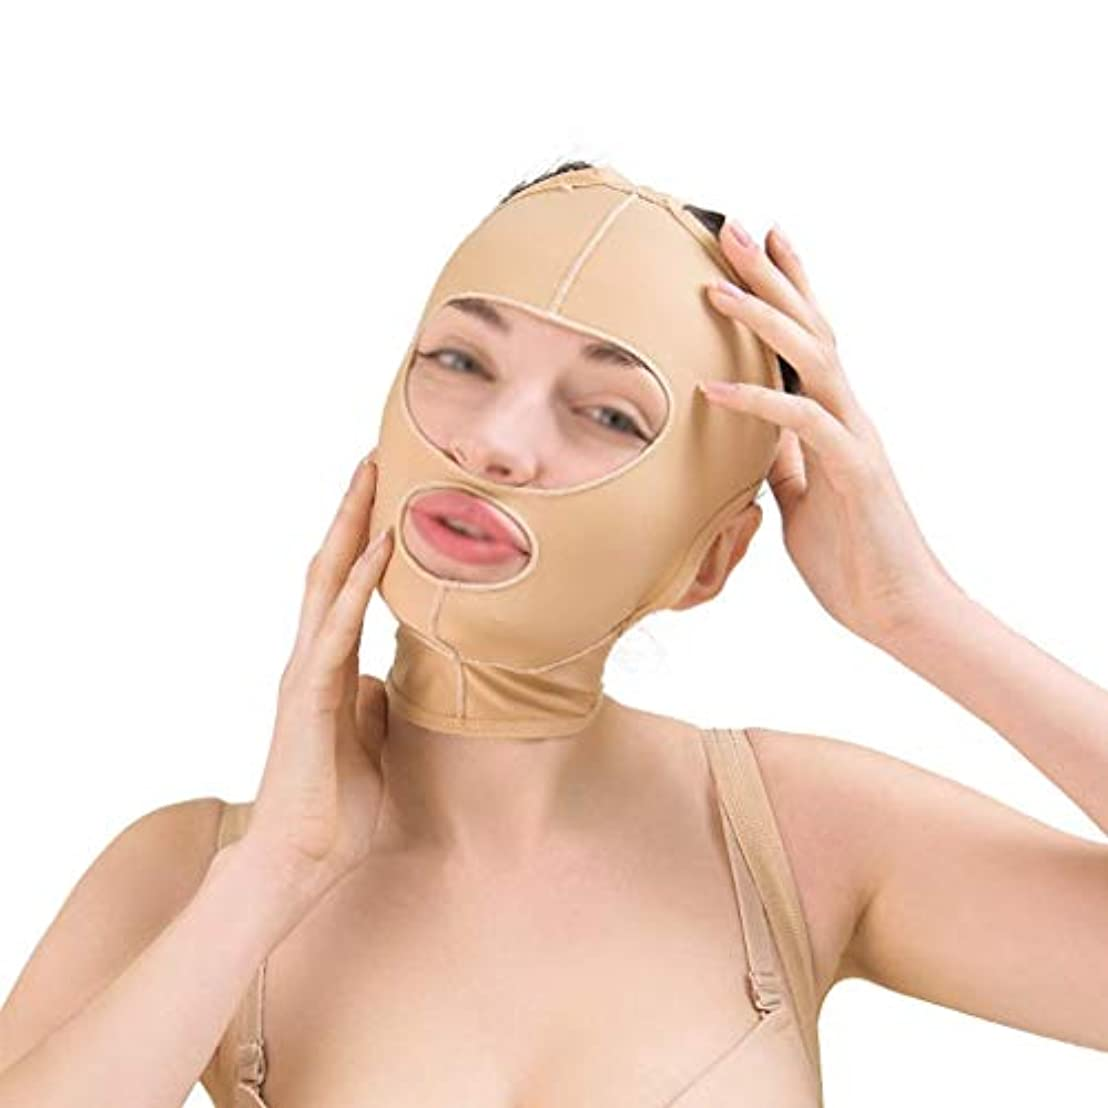 雄弁な西部ありふれた美容フェイスリフト減量ベルト、ほおスリムフィット、通気性フェイスリフト、引き締め、リフティング包帯、フェイシャルスキン包帯(サイズ:M),S